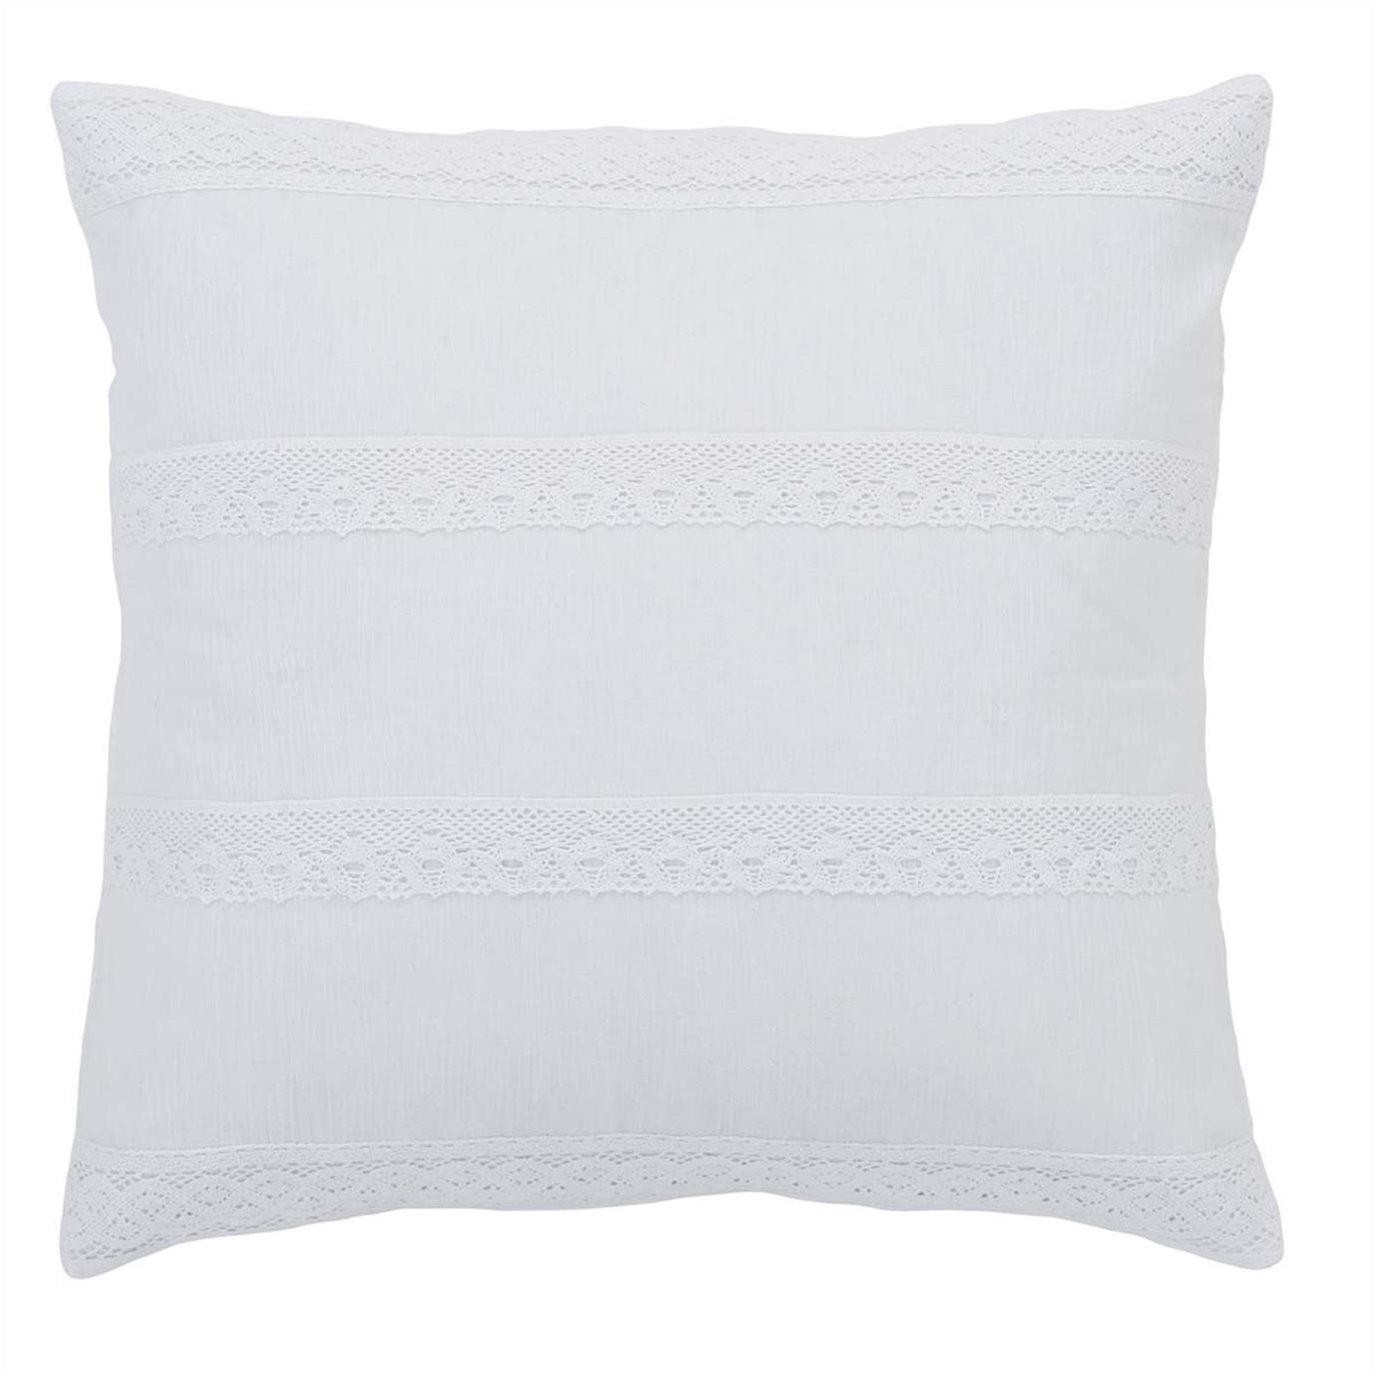 Quinn White Pillow Cover 18x18